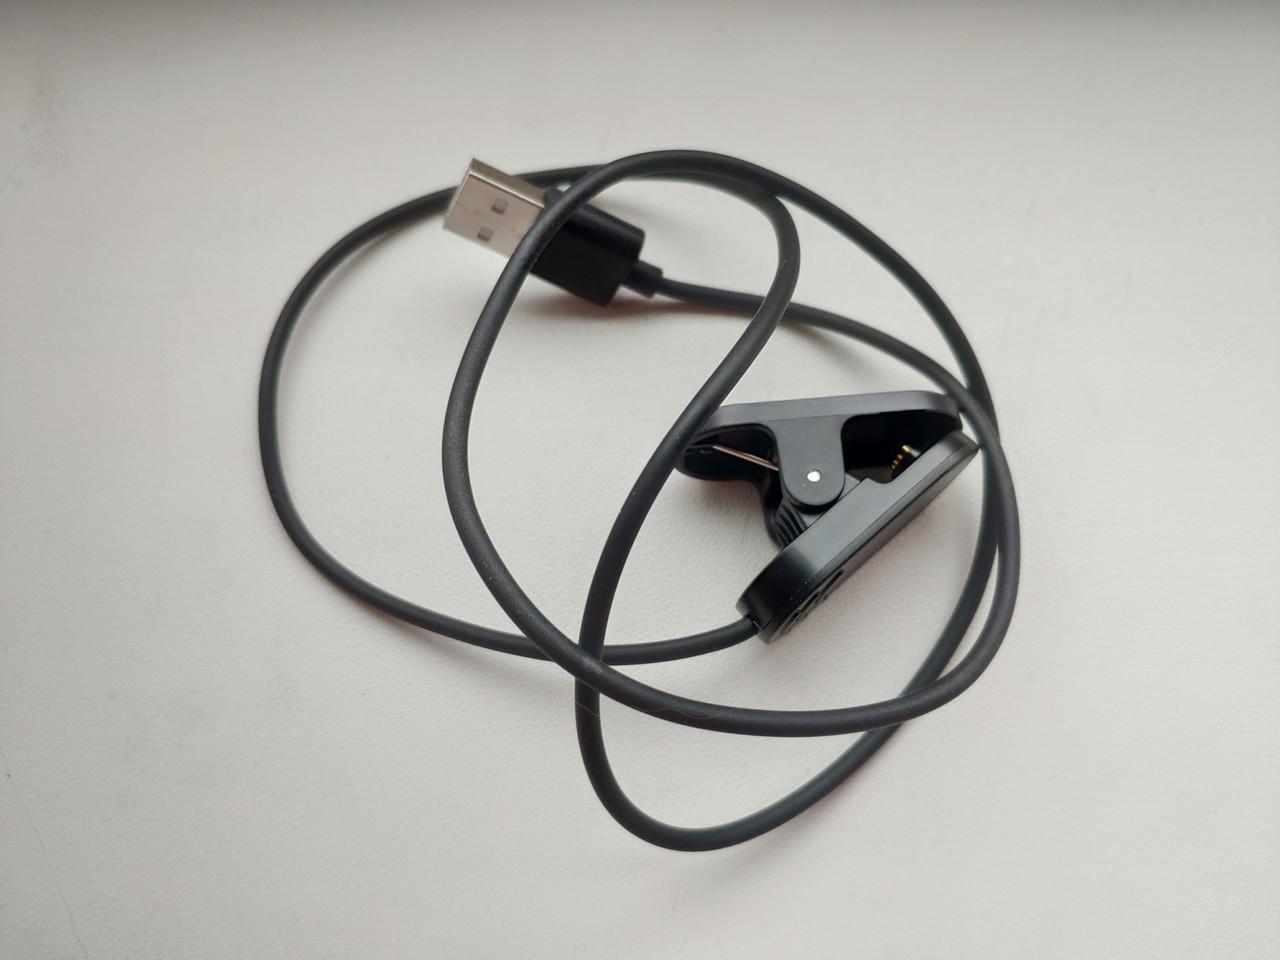 Зарядное устройство для Lemfo M5S, M7S, M5, M7  / Charger for lemfo Lemfo M5S